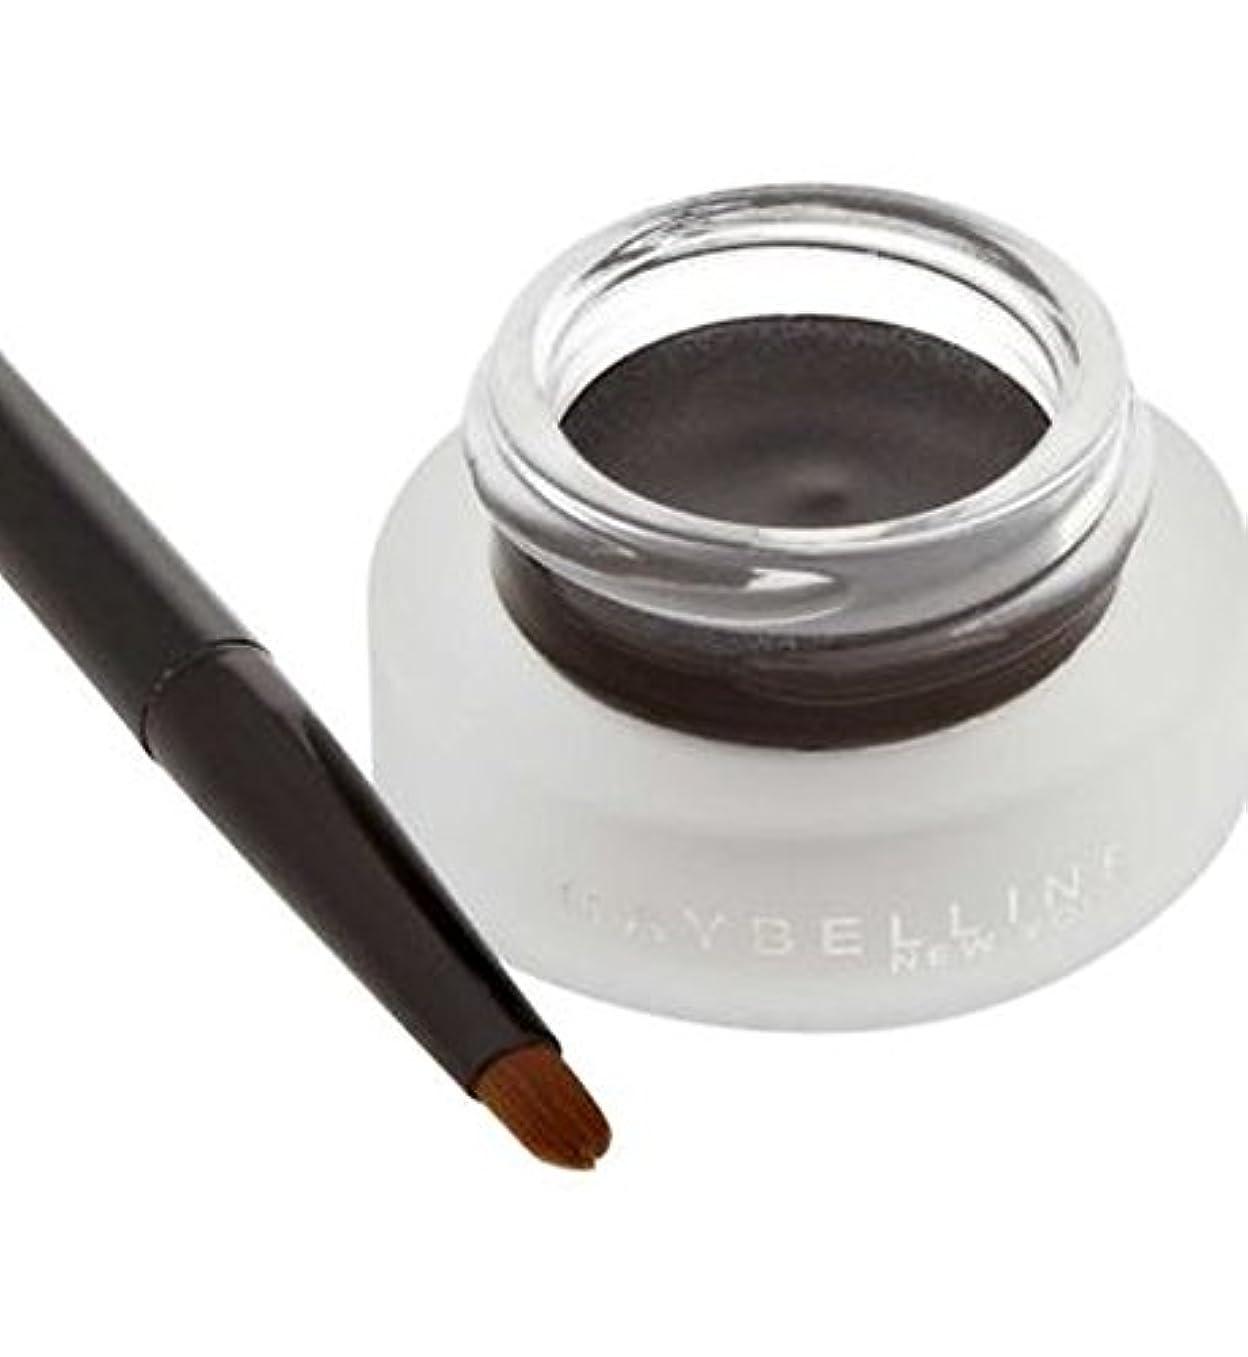 確認してくださいかろうじて荒野Maybelline Lasting Drama Gel Eyeliner 02 Brown - メイベリン持続ドラマゲルアイライナー02ブラウン (Maybelline) [並行輸入品]